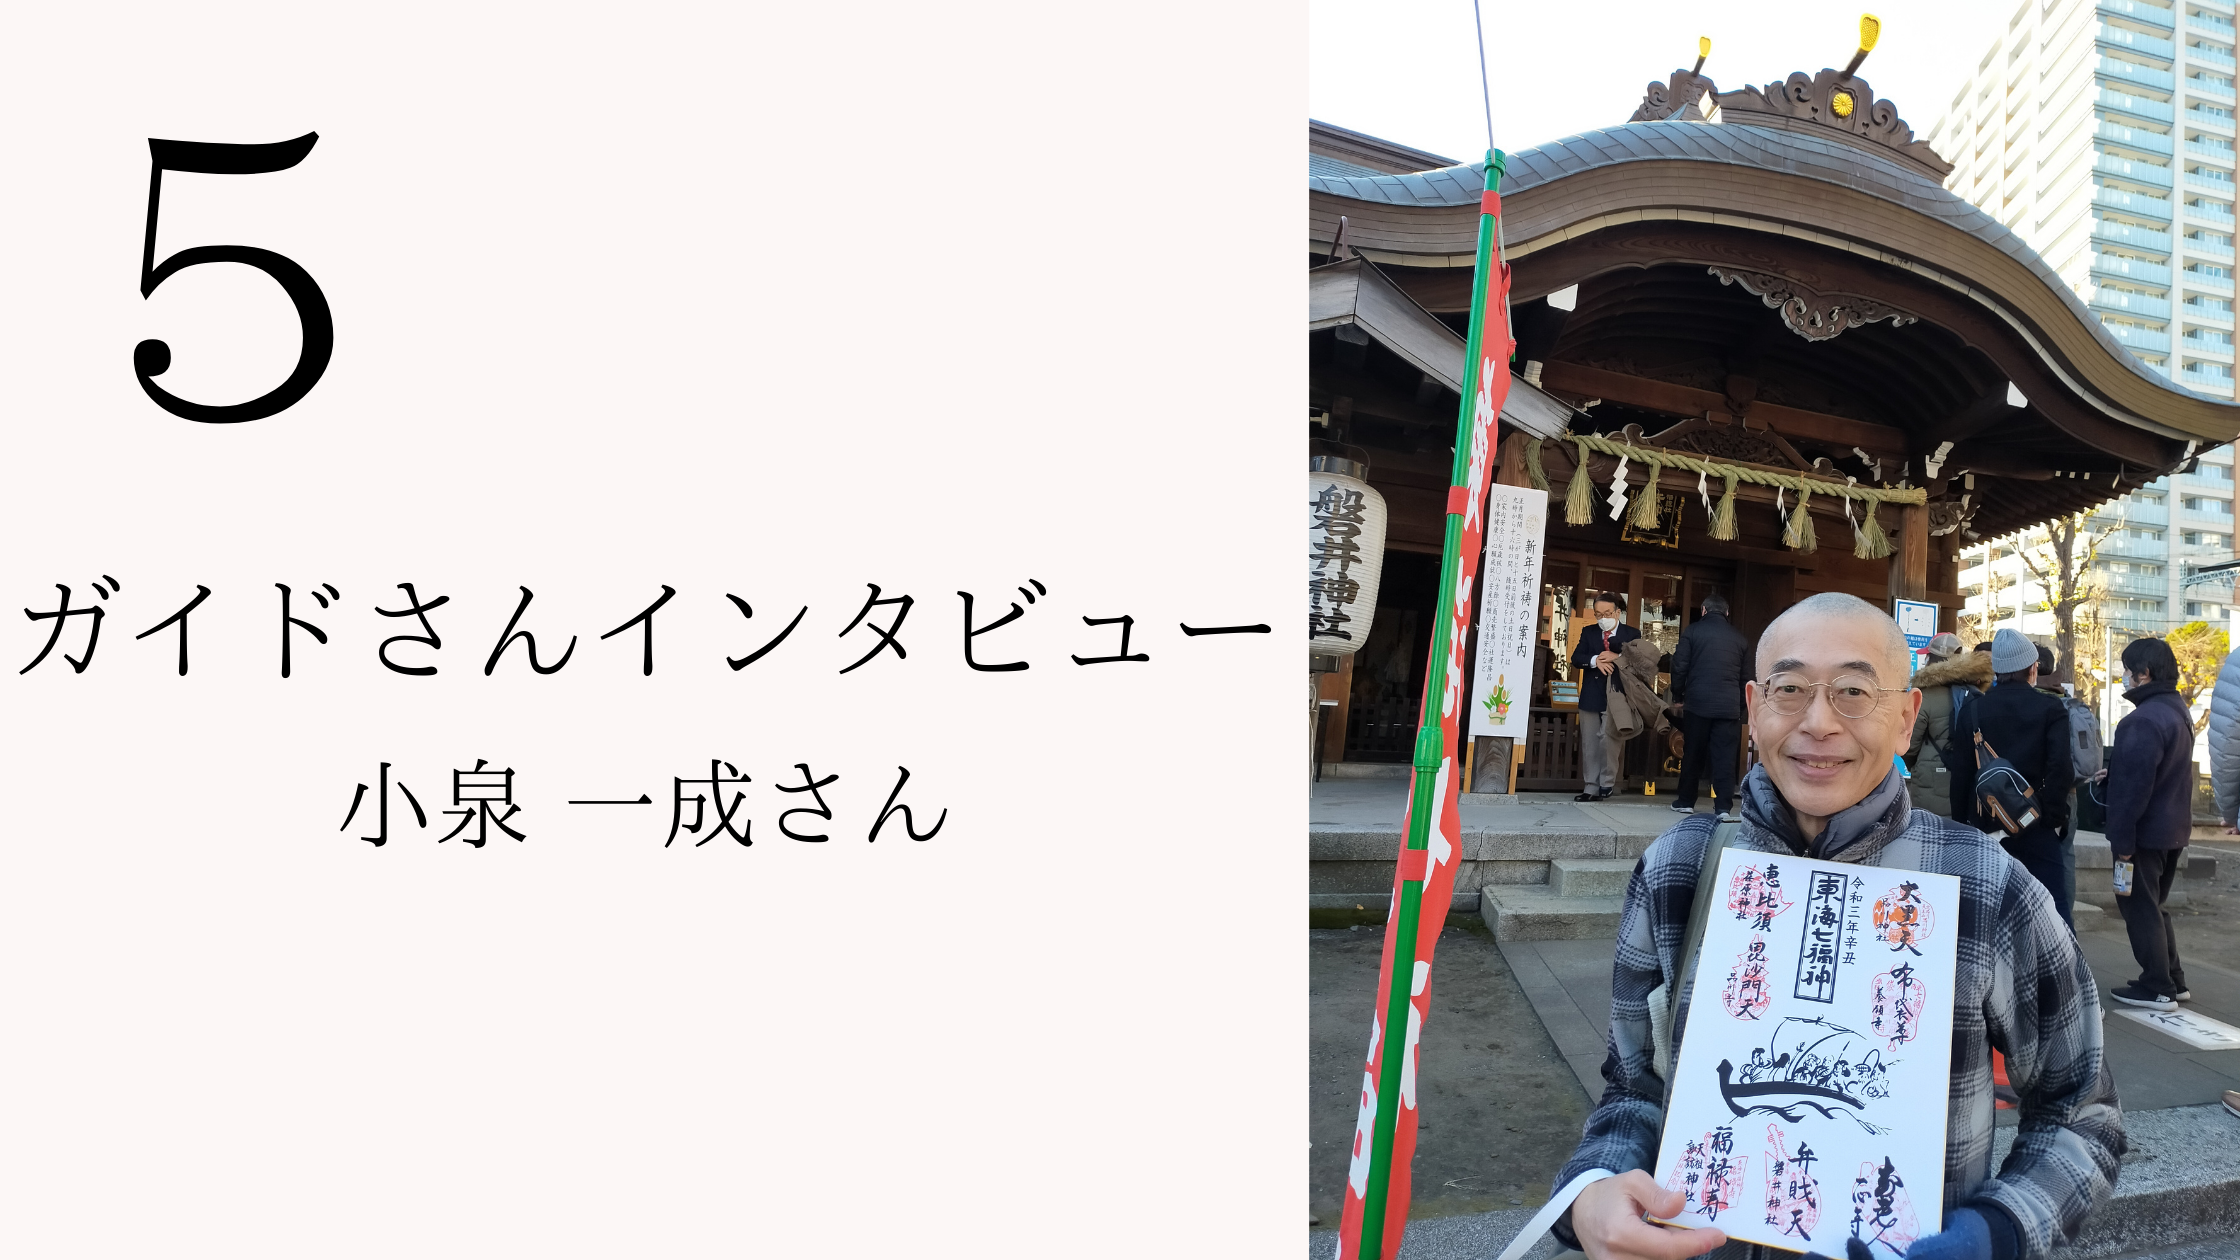 ガイドさんインタビュー 小泉さん